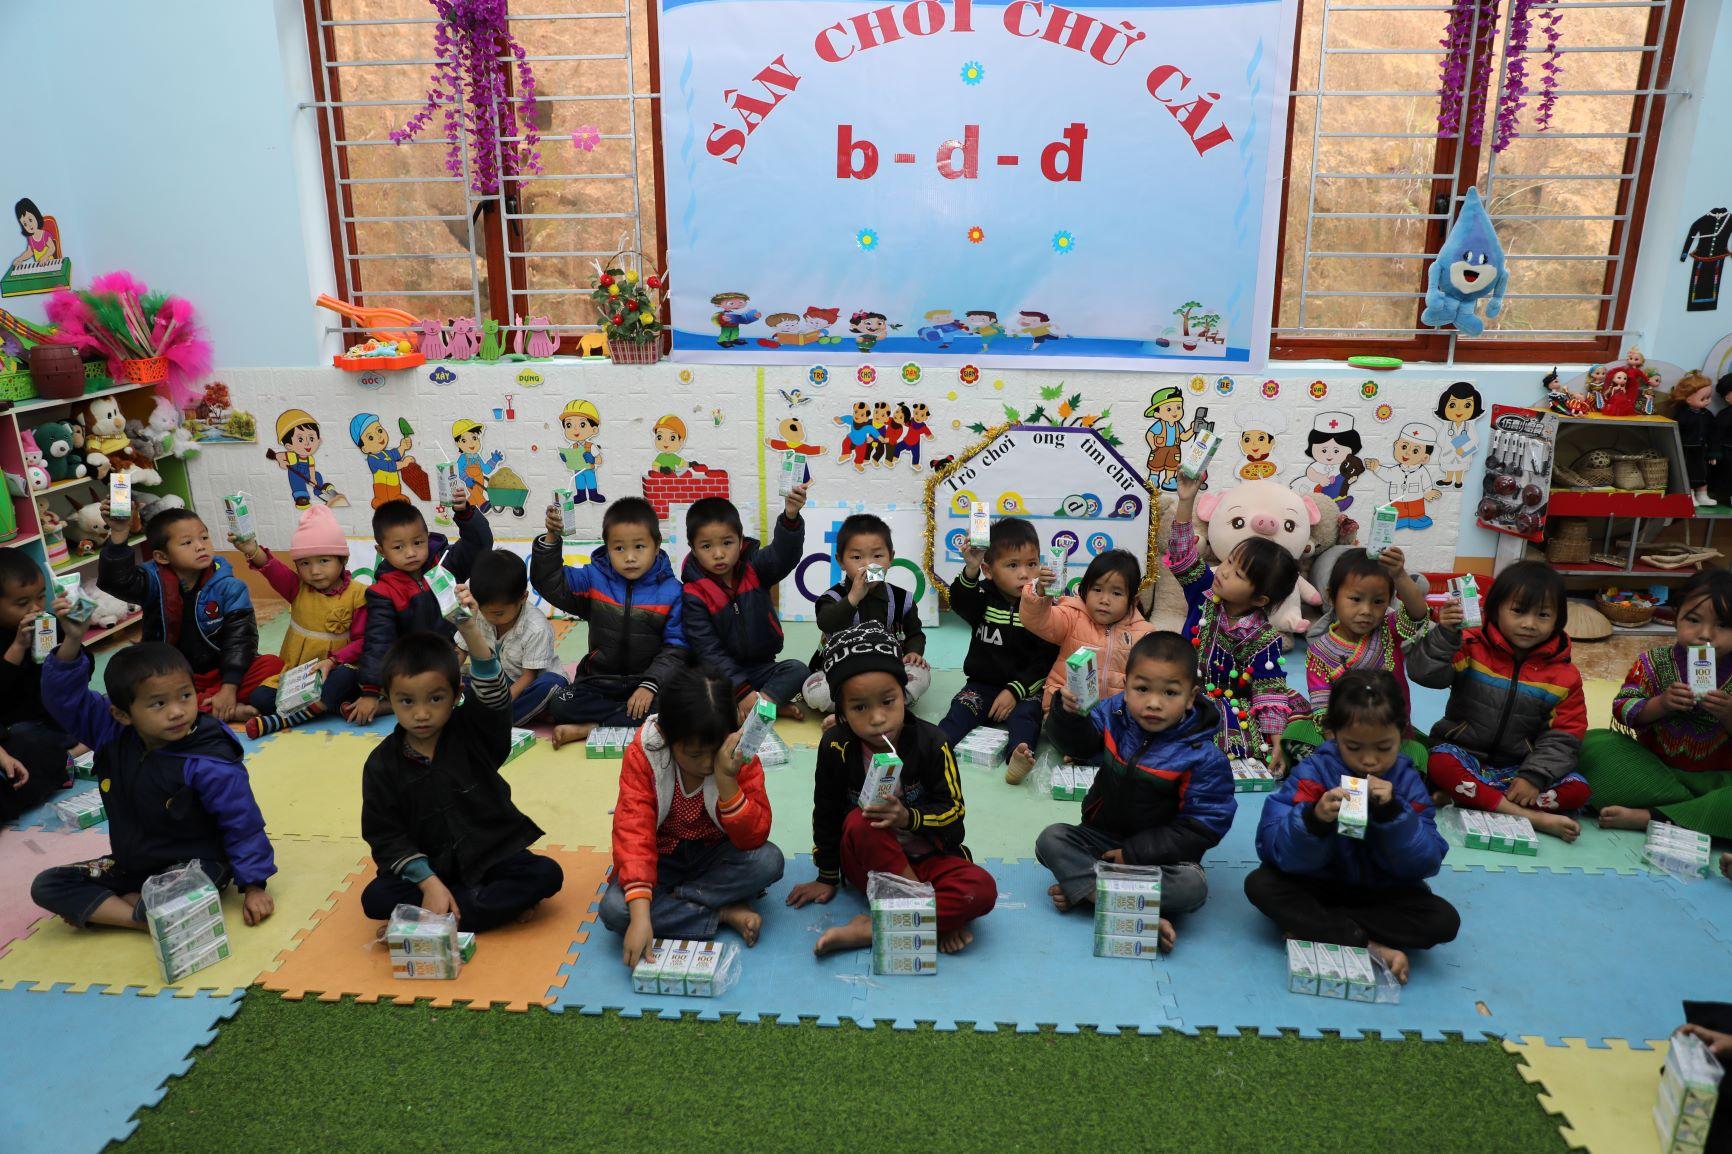 Đến trường với niềm vui uống sữa của trẻ vùng cao Hà Giang đã không còn là ước mơ 5